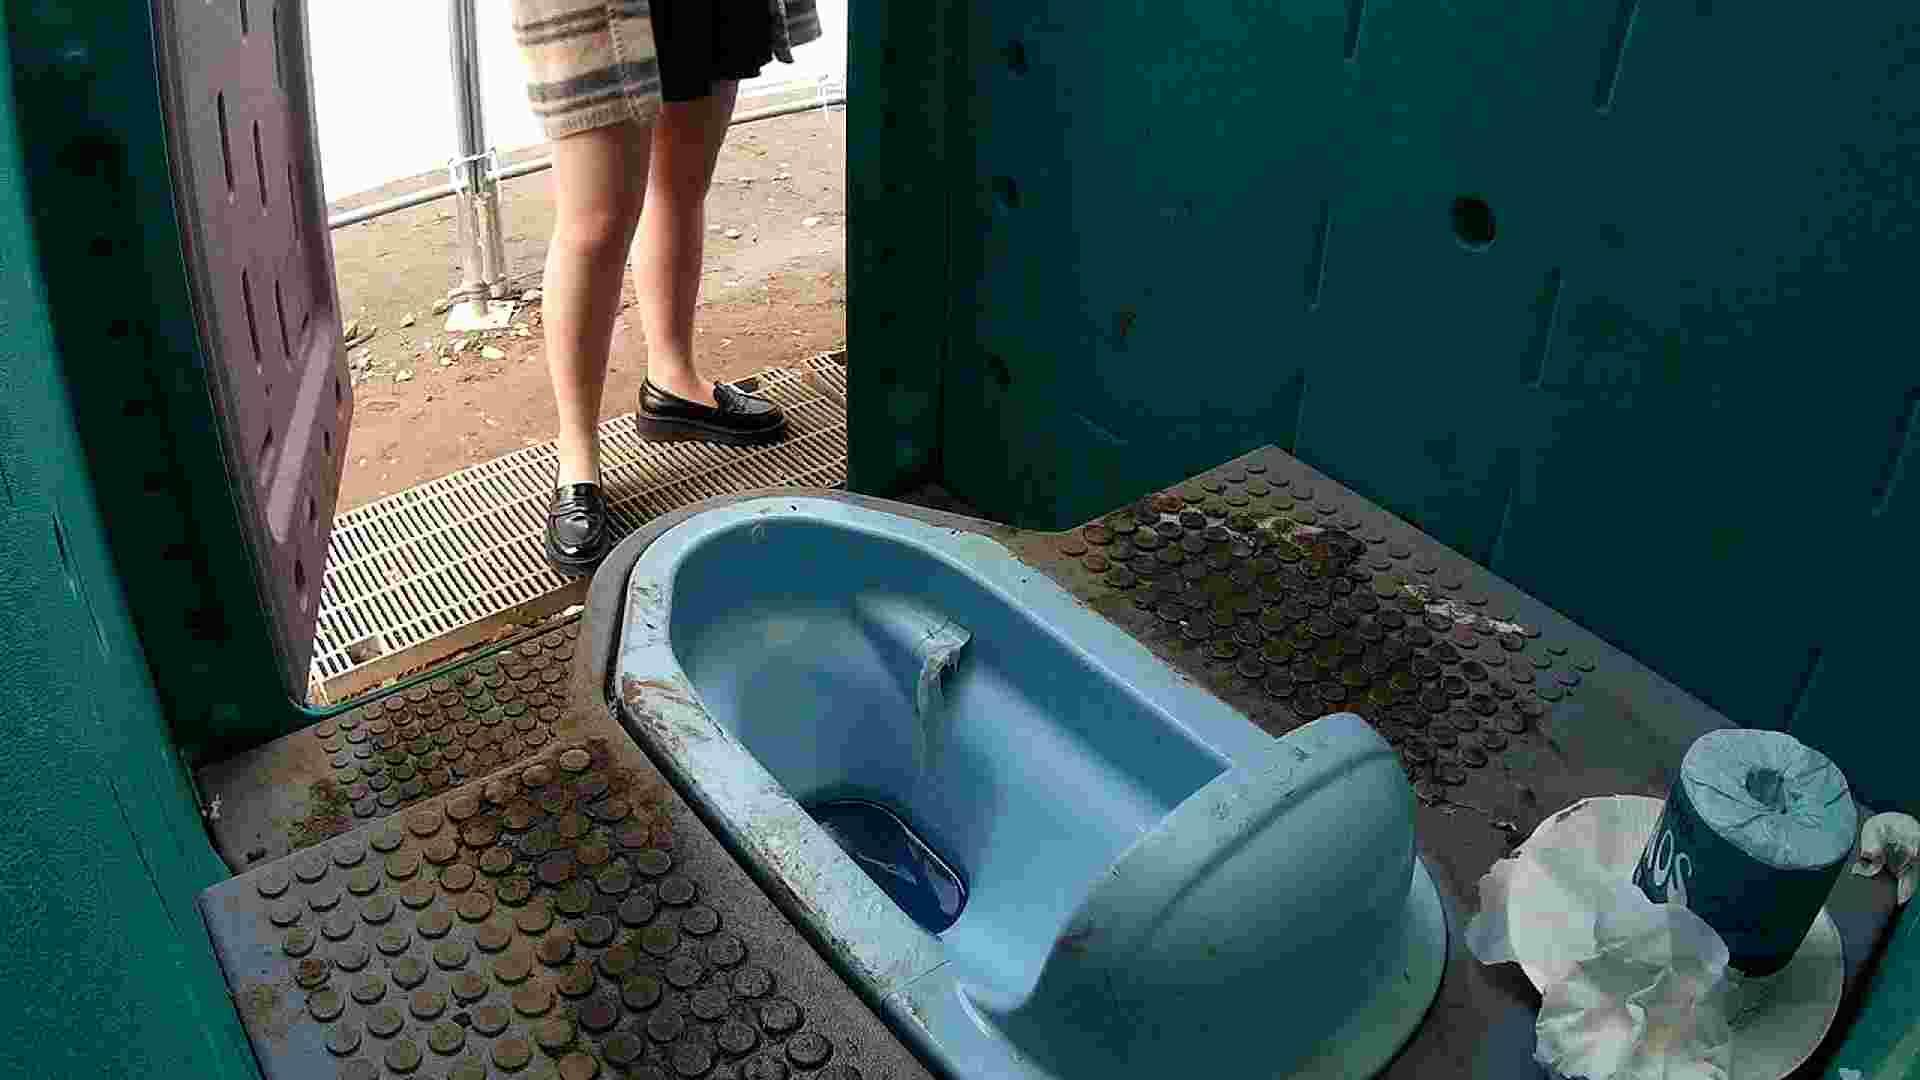 痴態洗面所 Vol.08 たっぷり汚トイレ 洗面所 ワレメ動画紹介 96画像 9